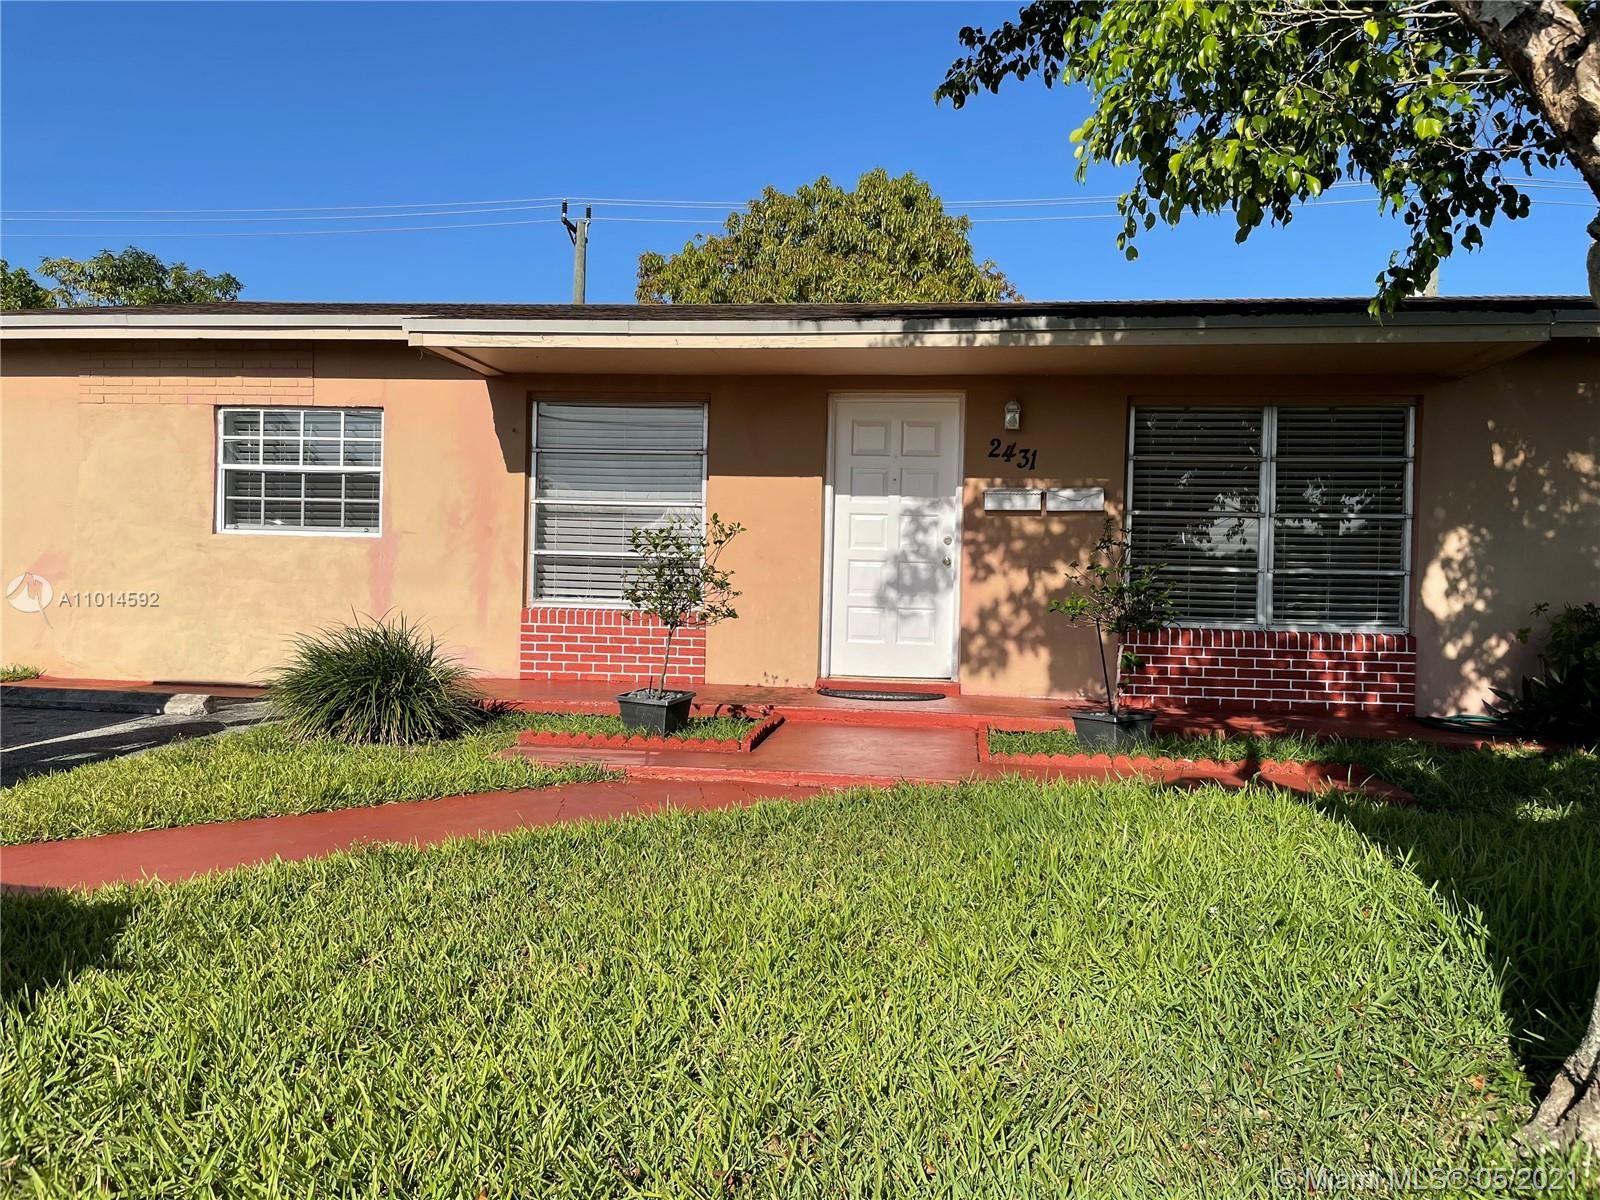 2431 SW 127th Ct, Miami, FL 33175 - #: A11014592